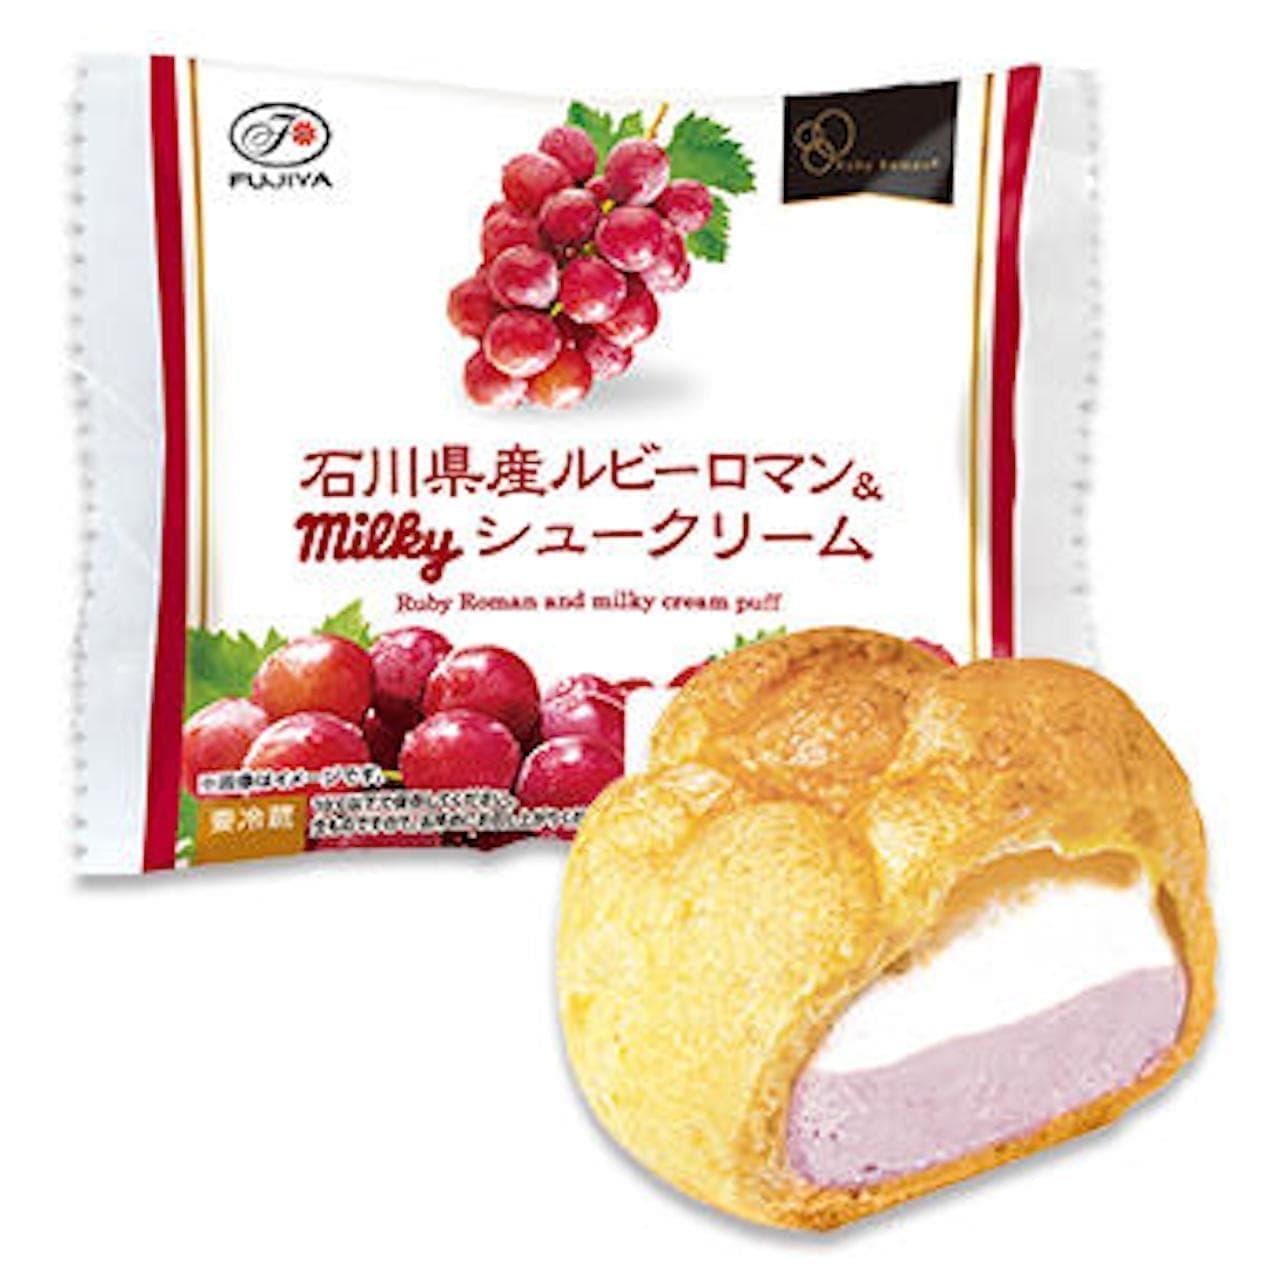 不二家「 石川県産ルビーロマン&ミルキーシュークリーム」